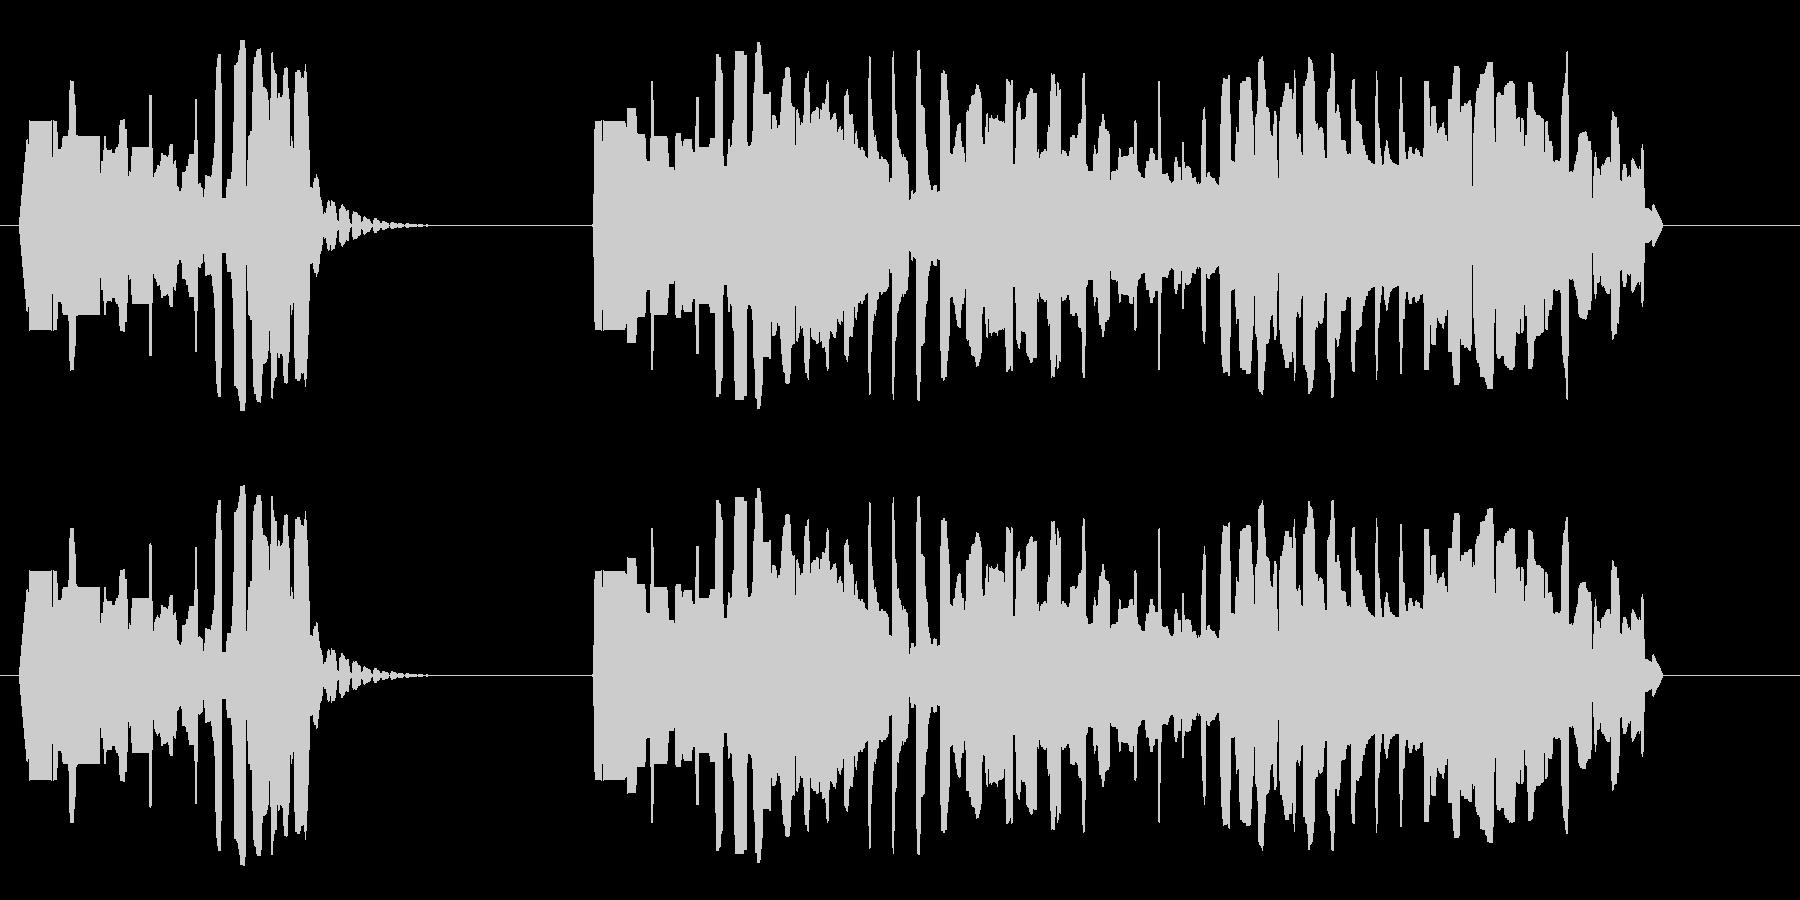 ブッブー(濁った低音で不正解告知)の未再生の波形